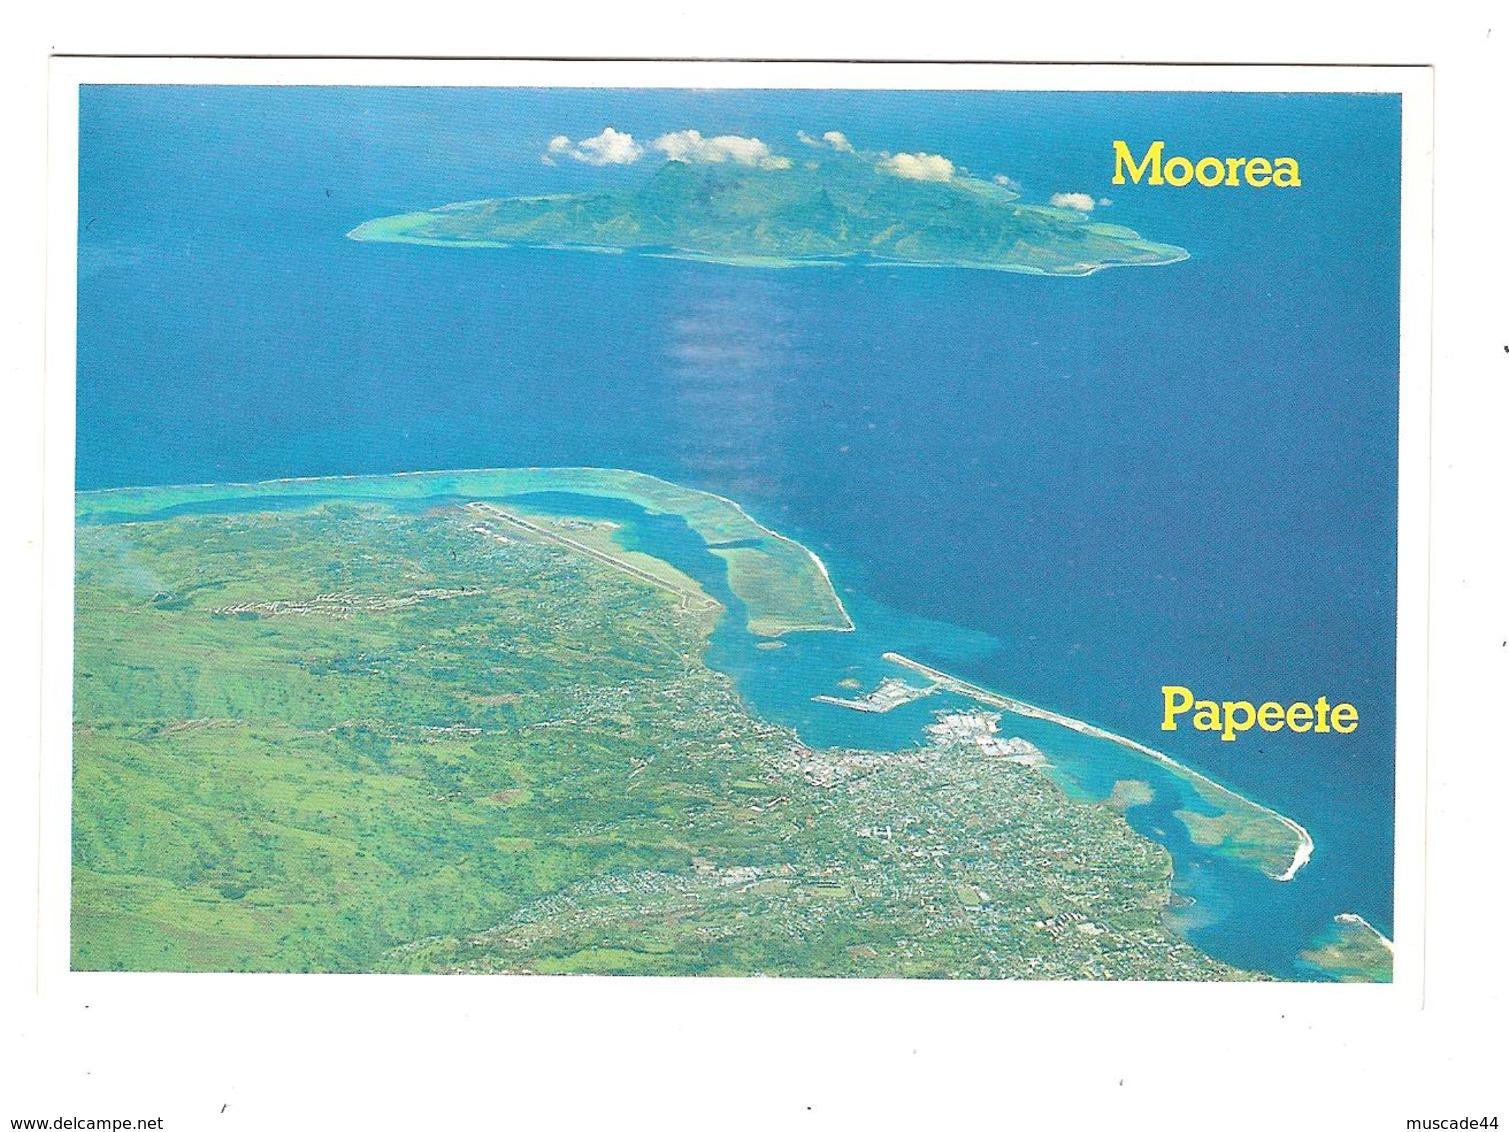 MOOREA - LA VILLE DE PAPEETE DEVANT L ILE DE MOOREA - Polynésie Française